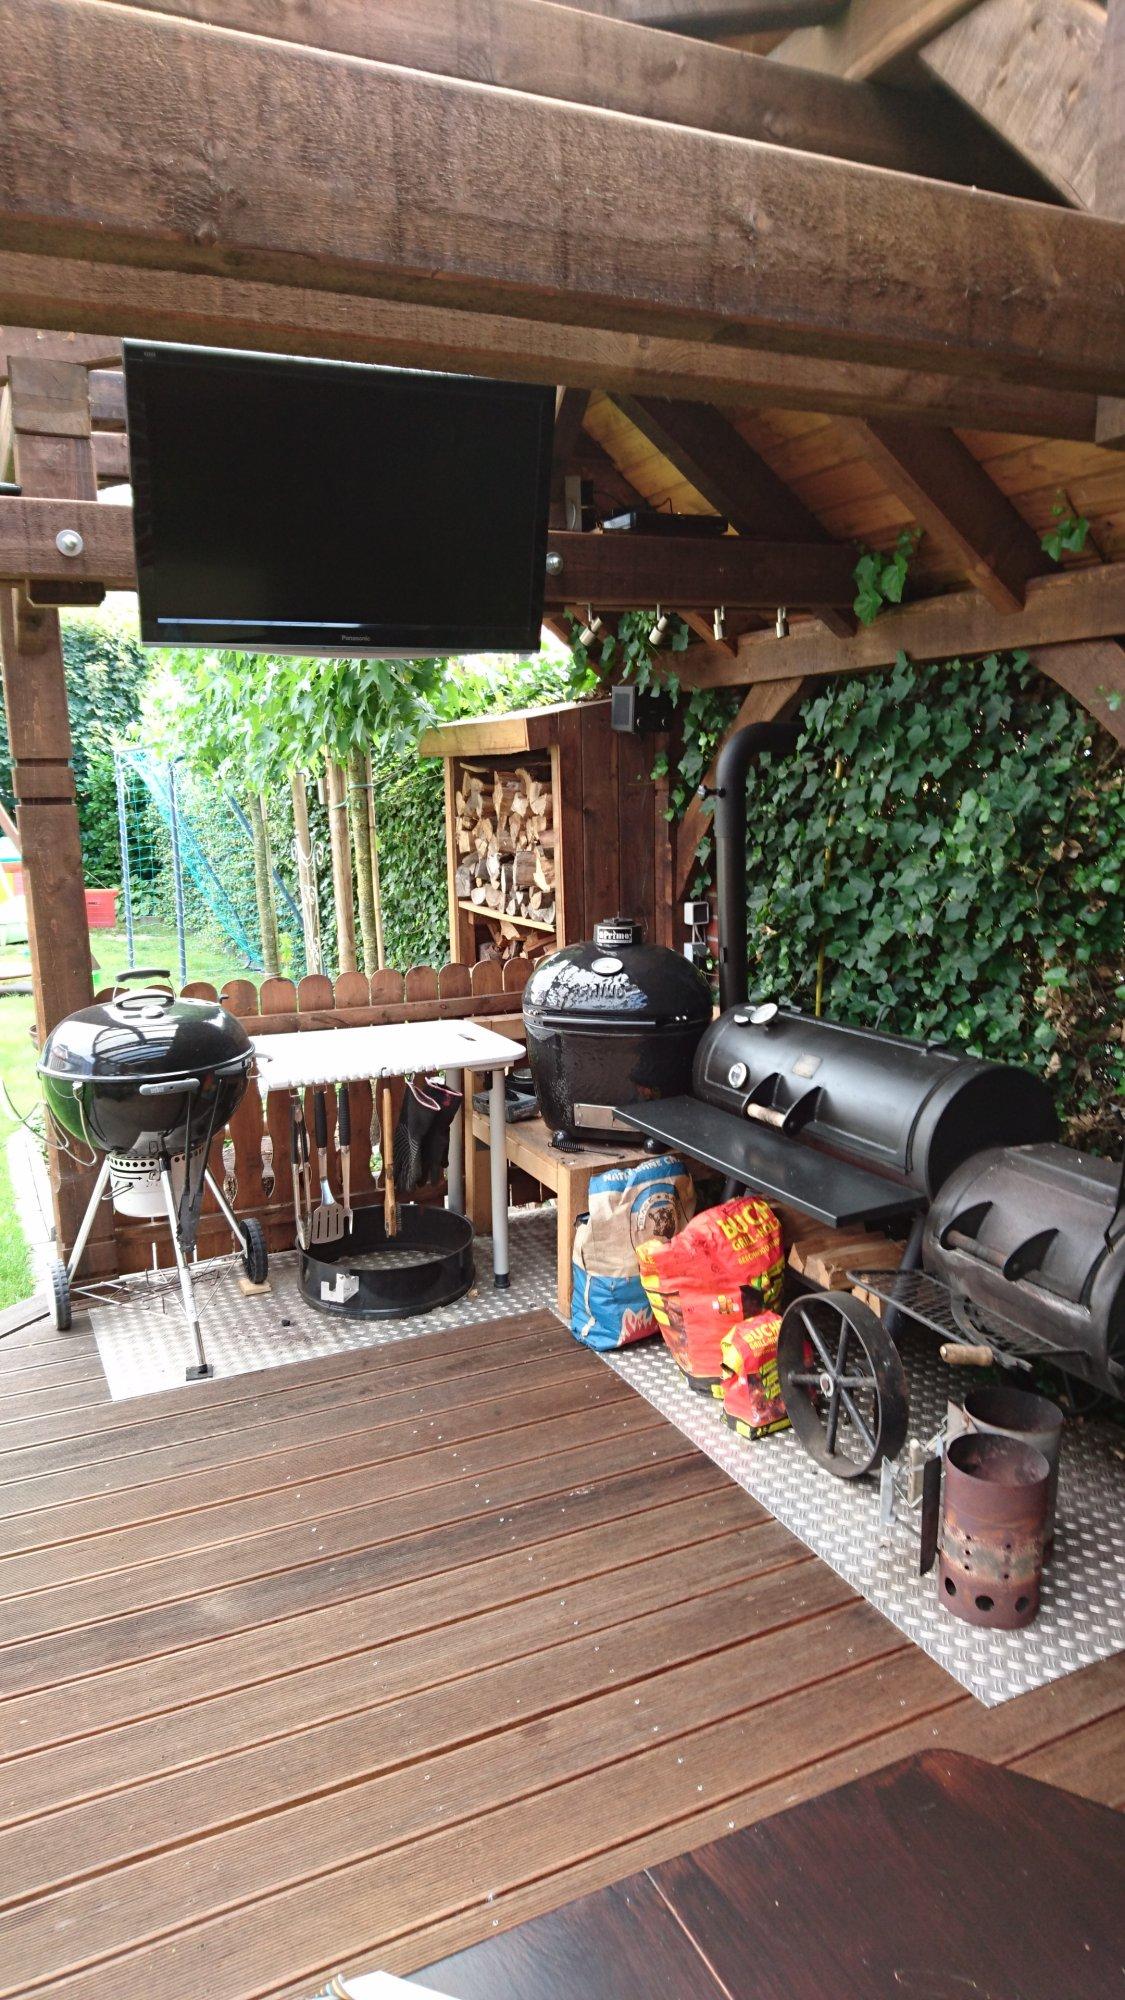 Brauche Ideen für meine Grillecke  Grillforum und BBQ